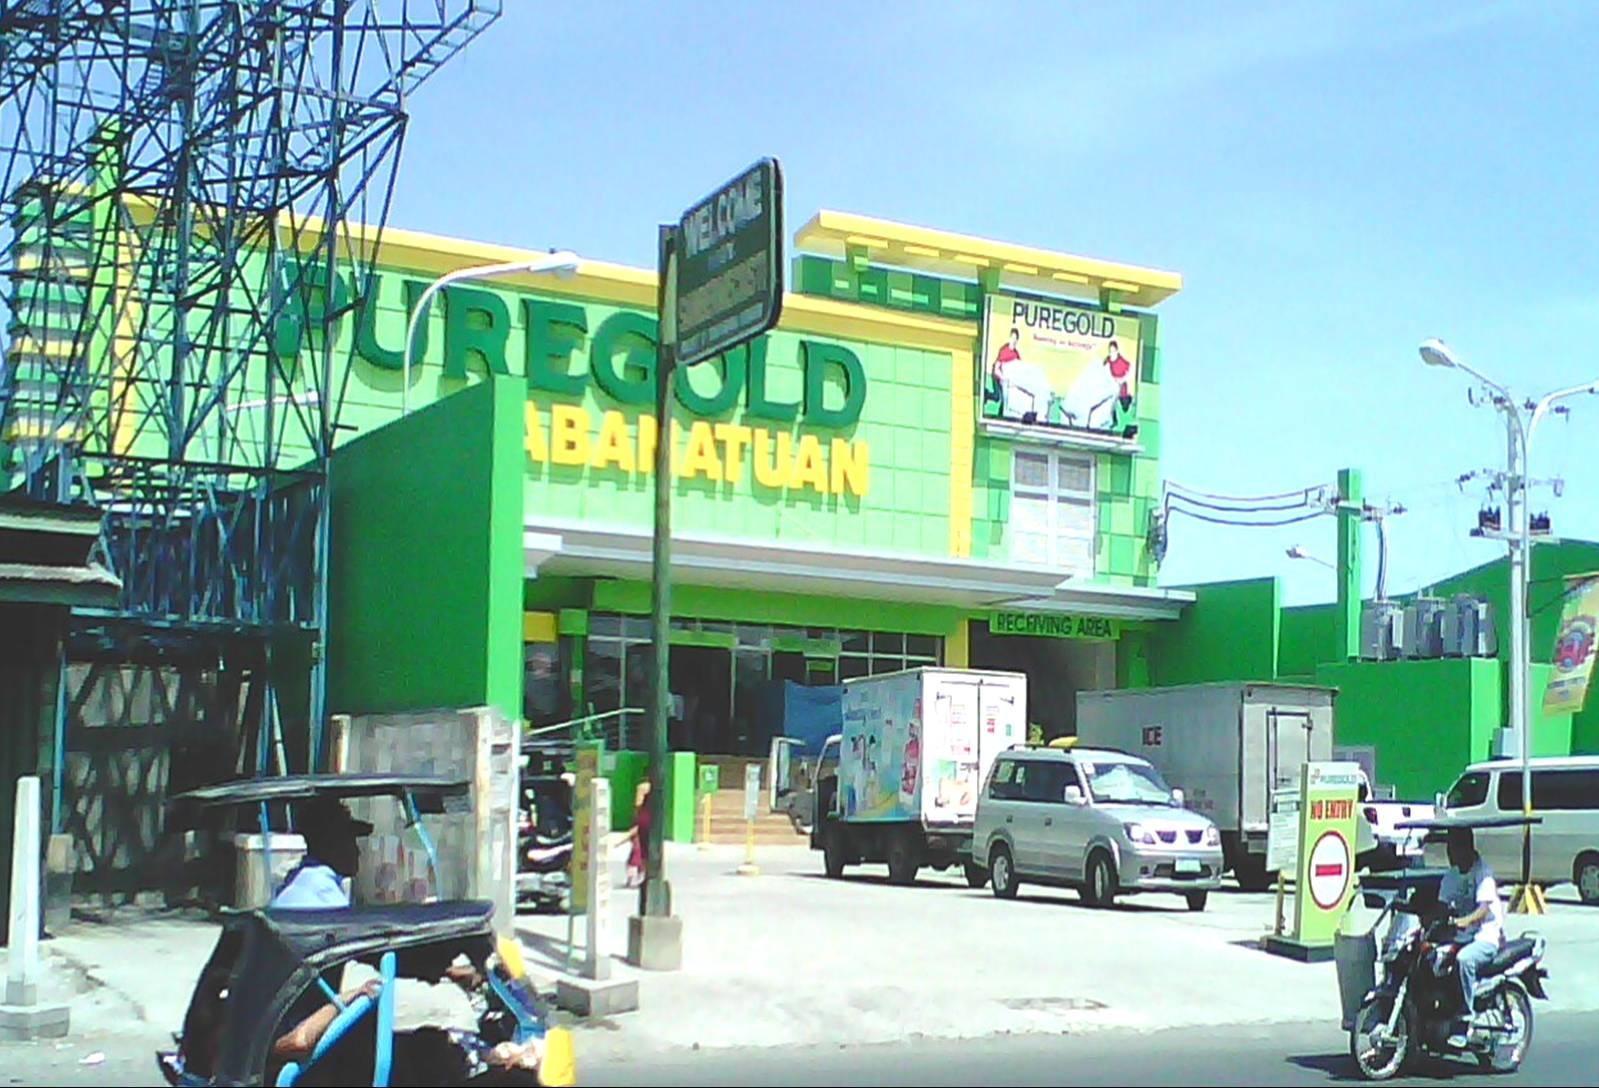 Cabanatuan Philippines  City pictures : Puregold Cabanatuan Cabanatuan City